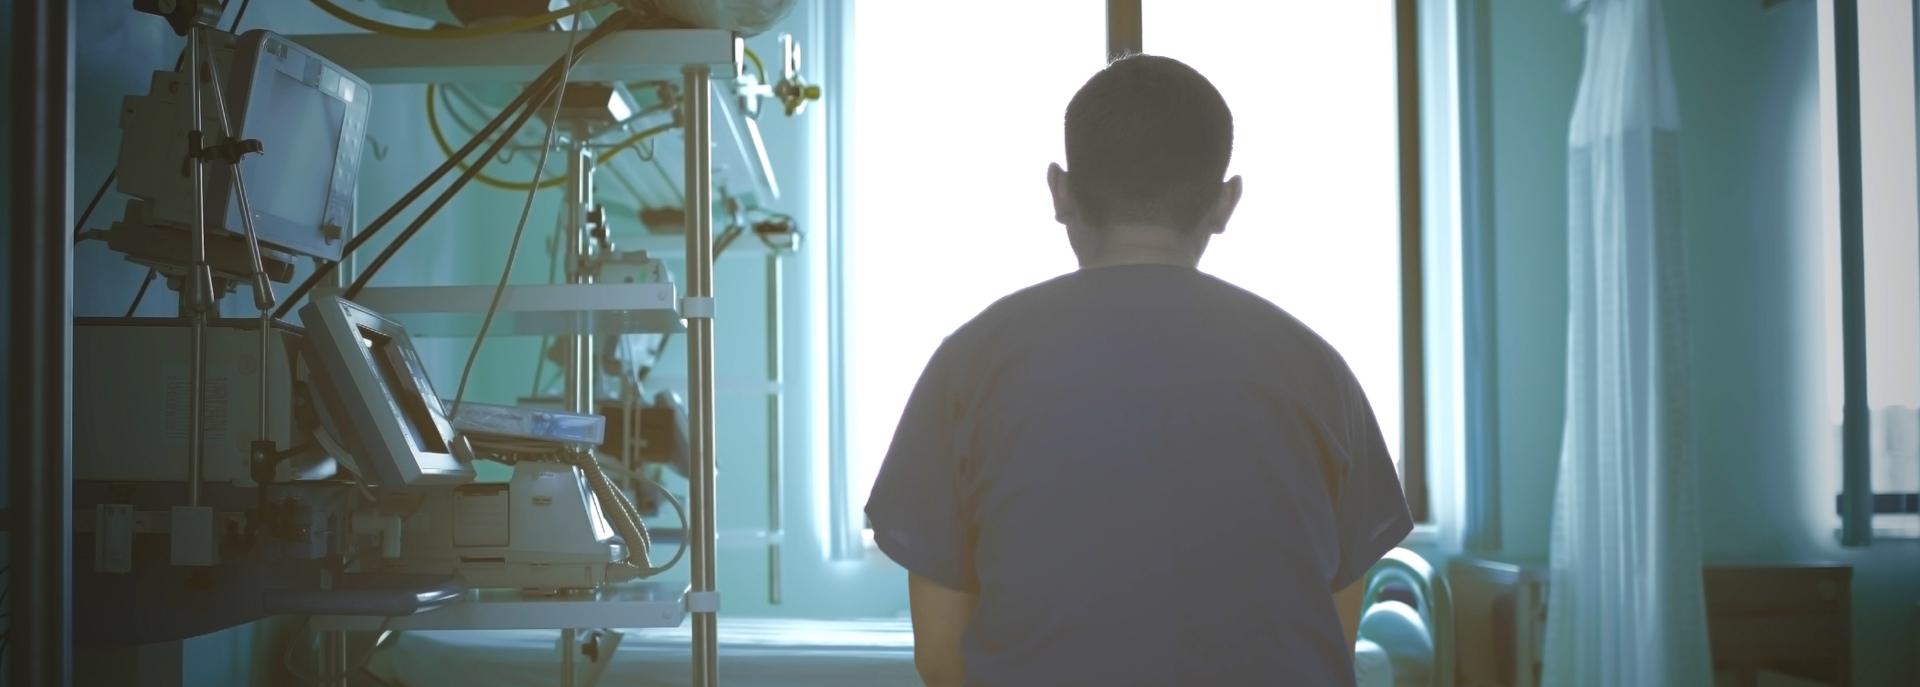 L'IRCCS Fatebenefratelli e il progetto EU-VIORMED: migliorare la psichiatria forense in Europa